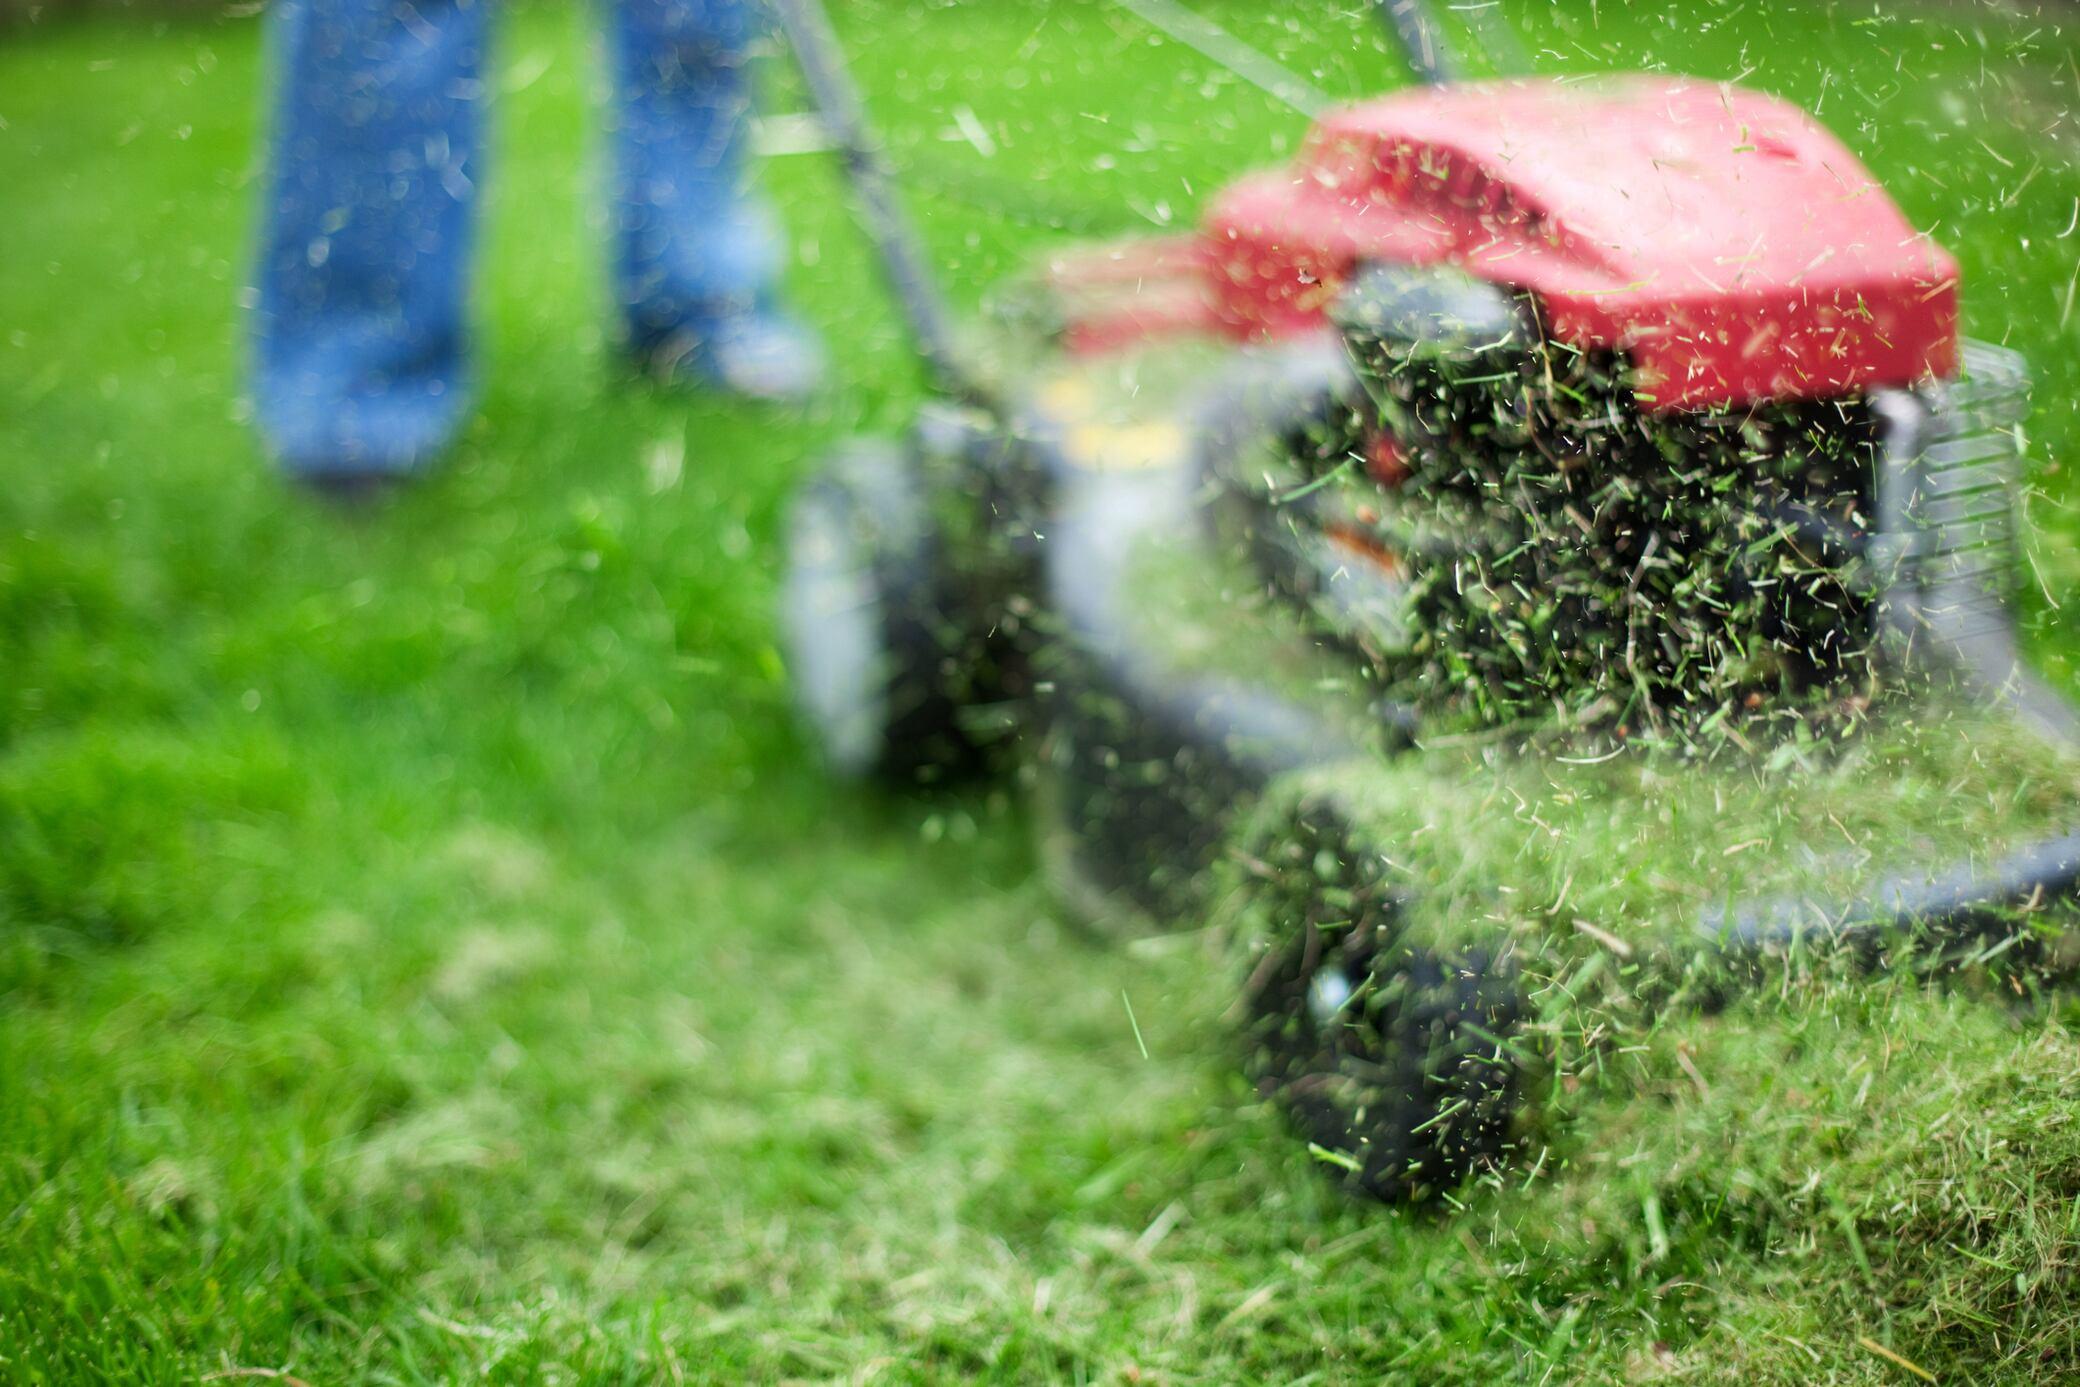 Wann darf ich meinen Rasen mähen?